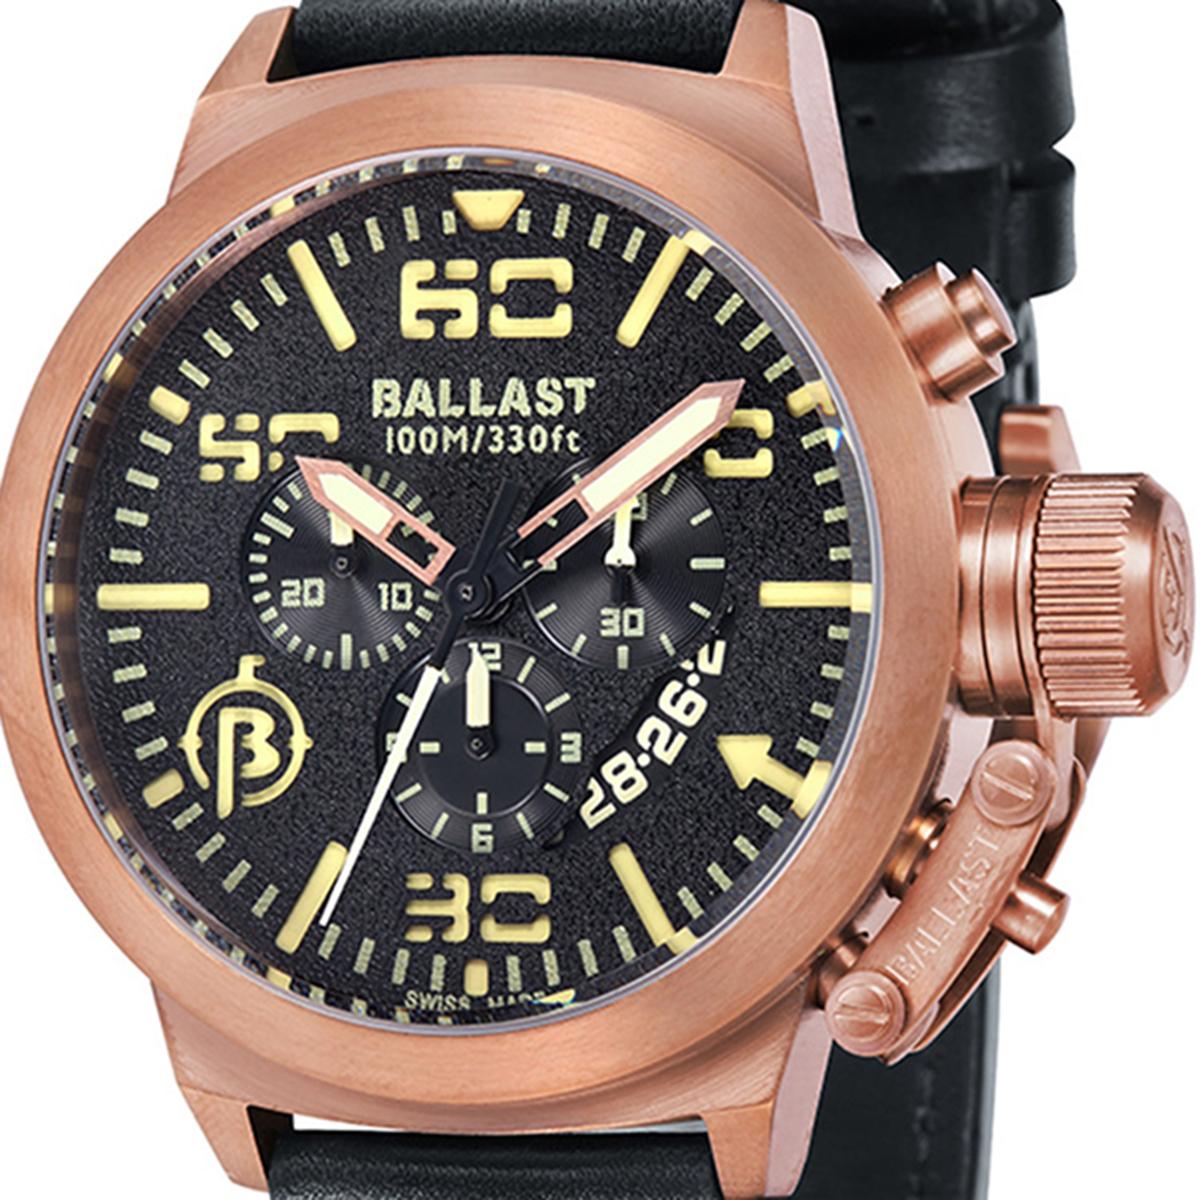 【残り1点】BALLAST バラスト クォーツ 腕時計 メンズ ミリタリー イギリス SWISS MADE [BL-3101-0J] 並行輸入品 純正ケース メーカー保証24ヶ月